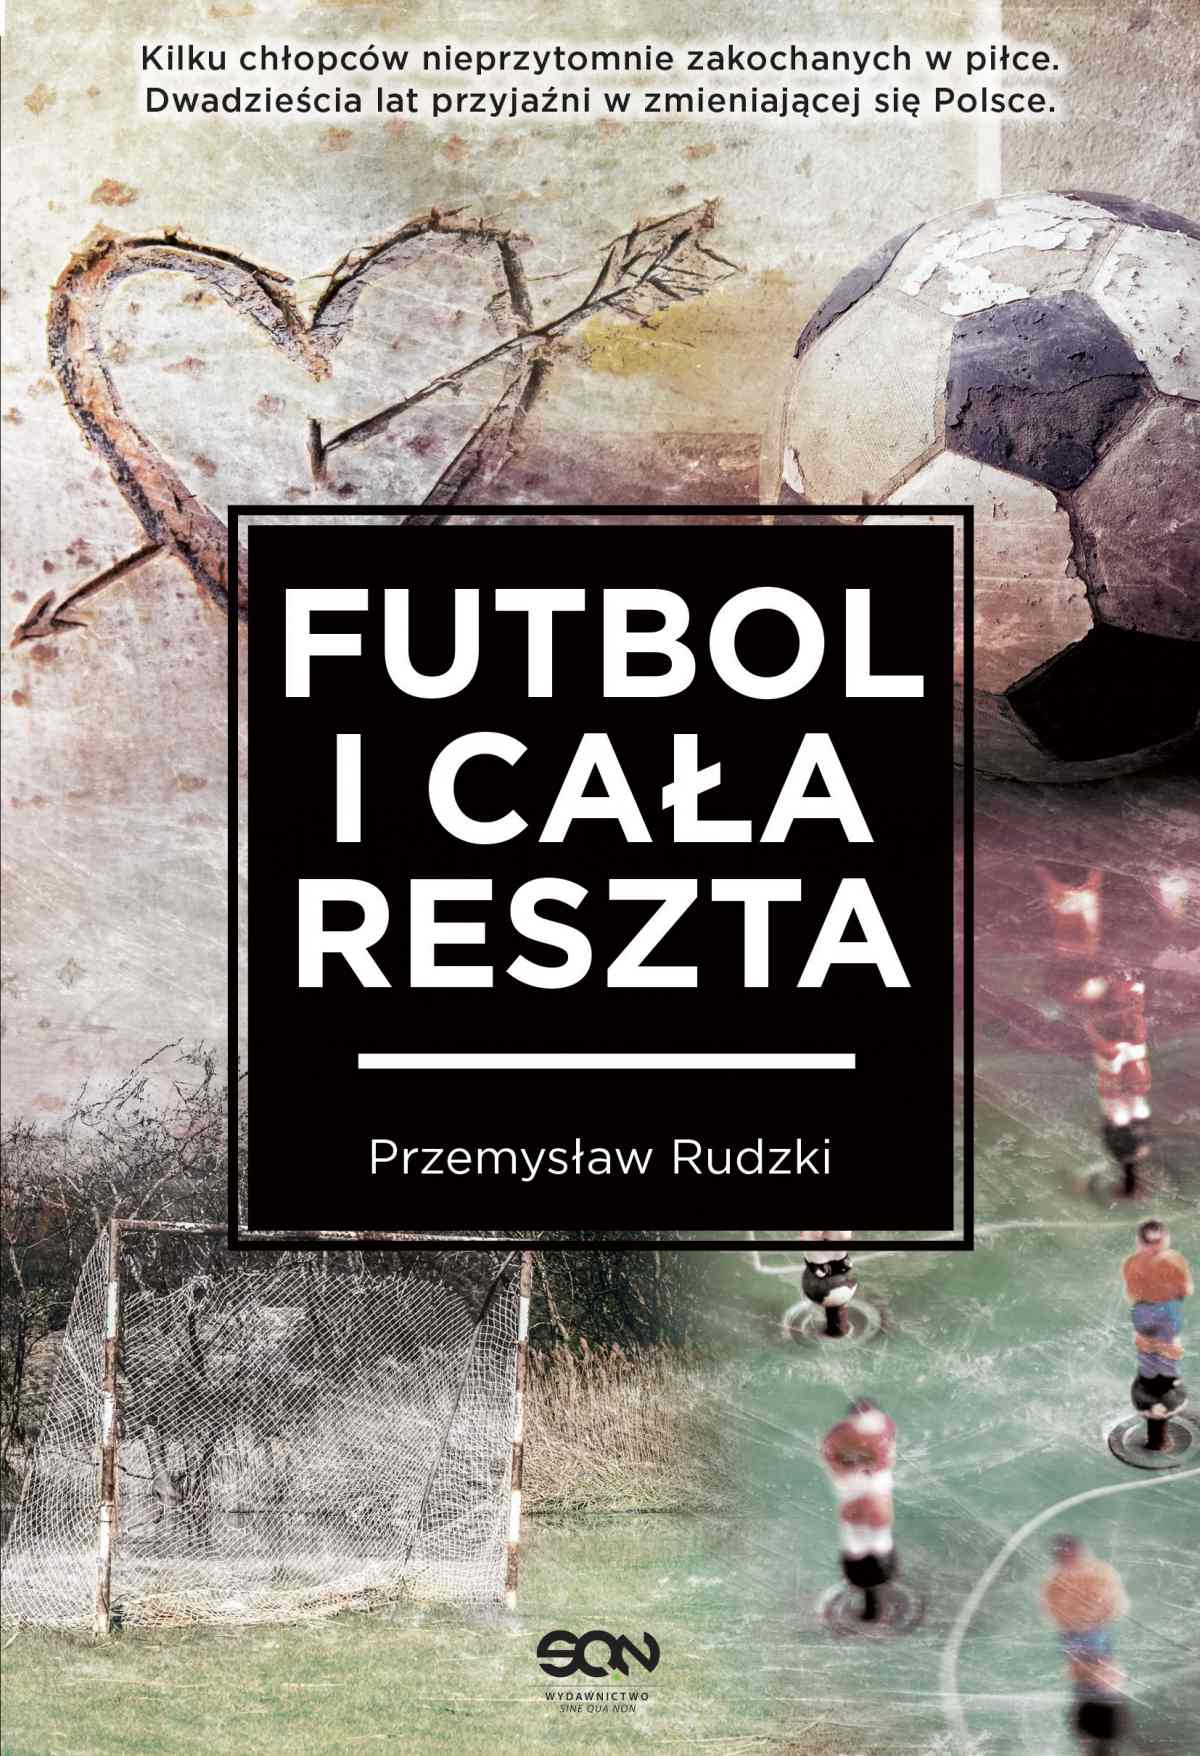 Futbol i cała reszta - Ebook (Książka EPUB) do pobrania w formacie EPUB